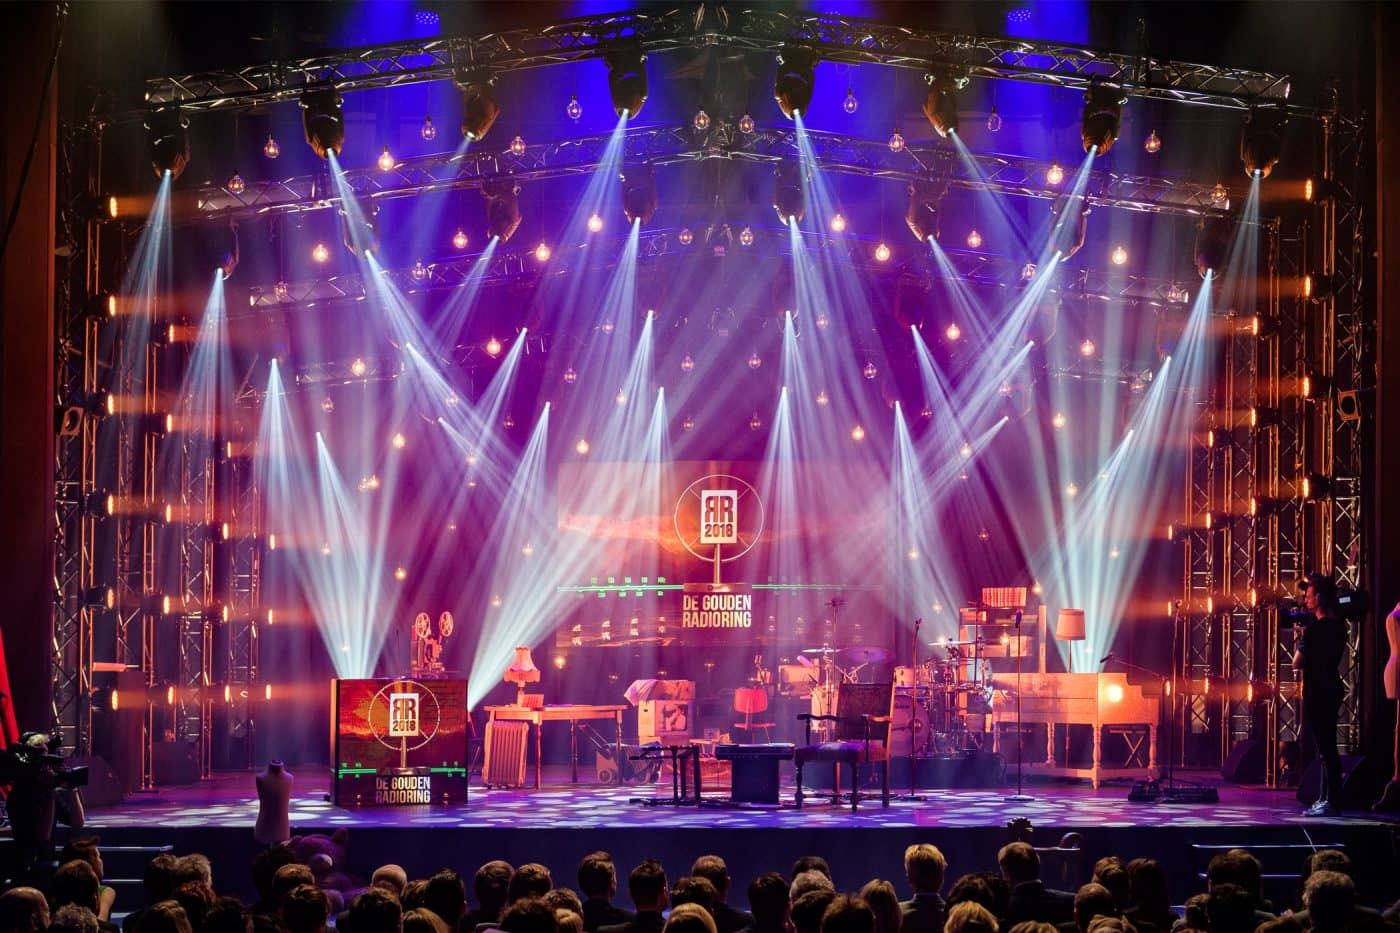 RadioRing Theater licht show Gooiland Hilversum